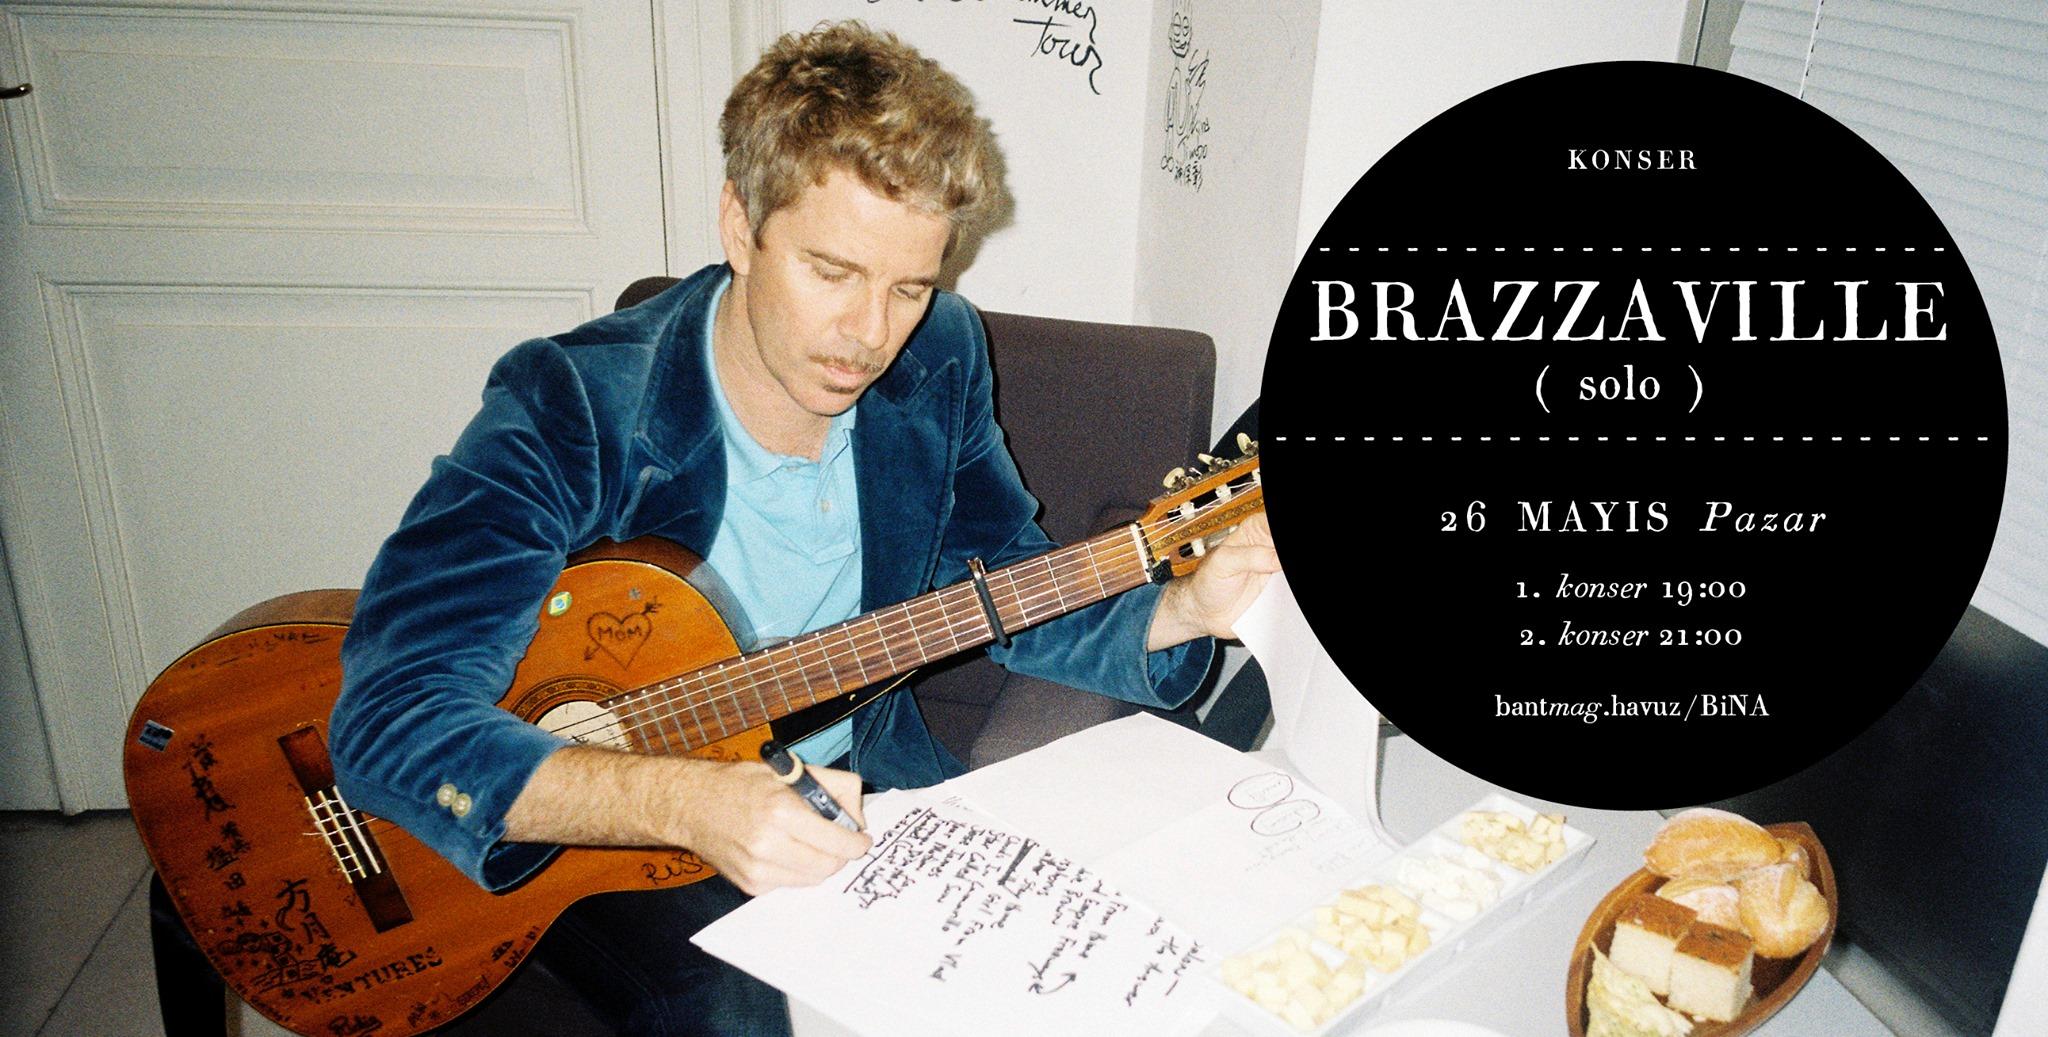 Brazzaville (Solo), 26 Mayıs Pazar, Bant Mag. Havuz / Bina